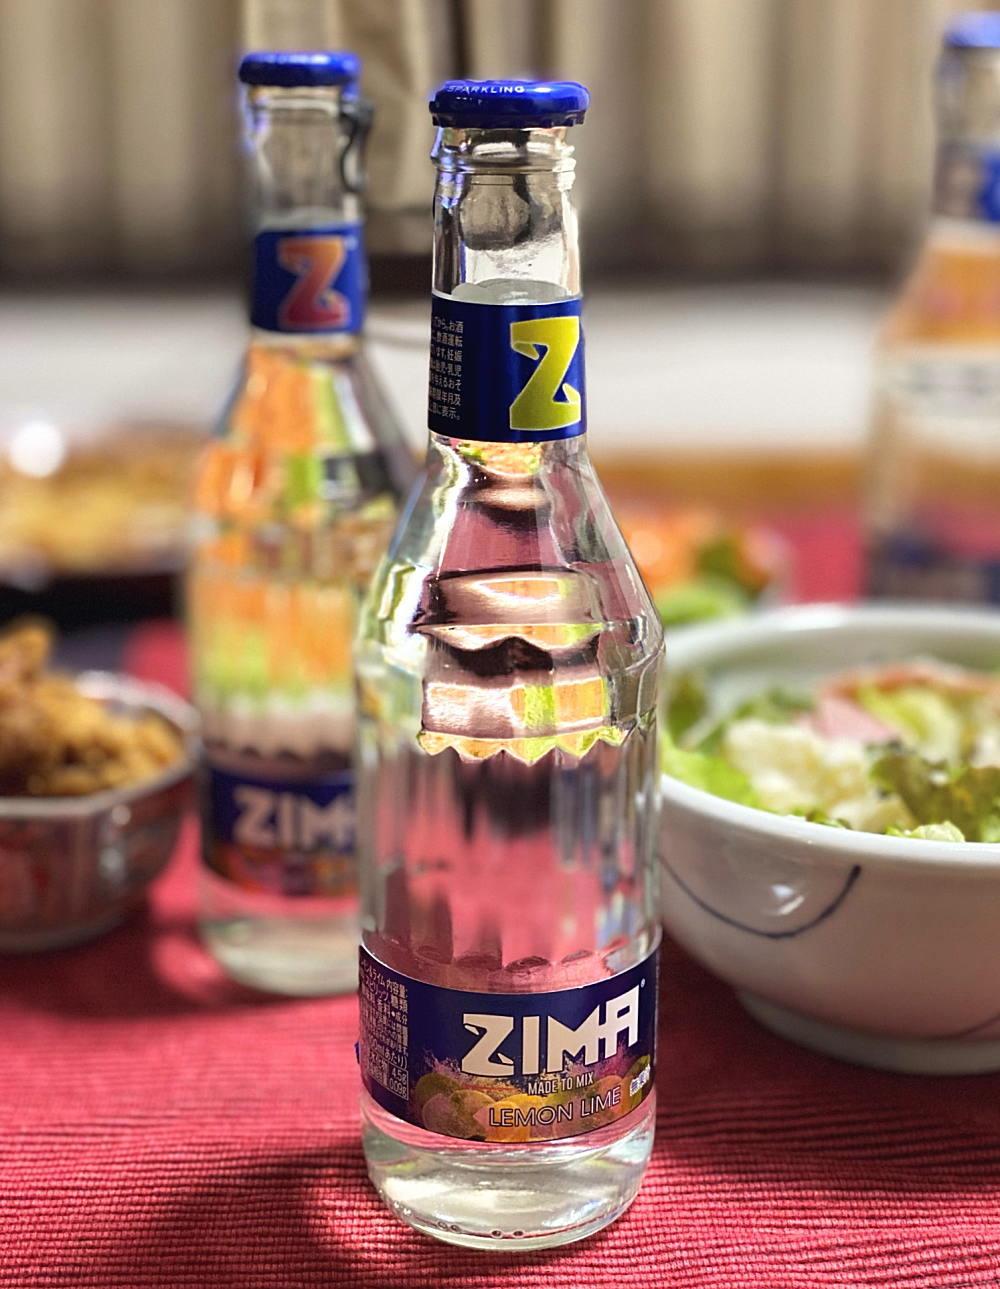 ZIMA 食事に合わせてみた